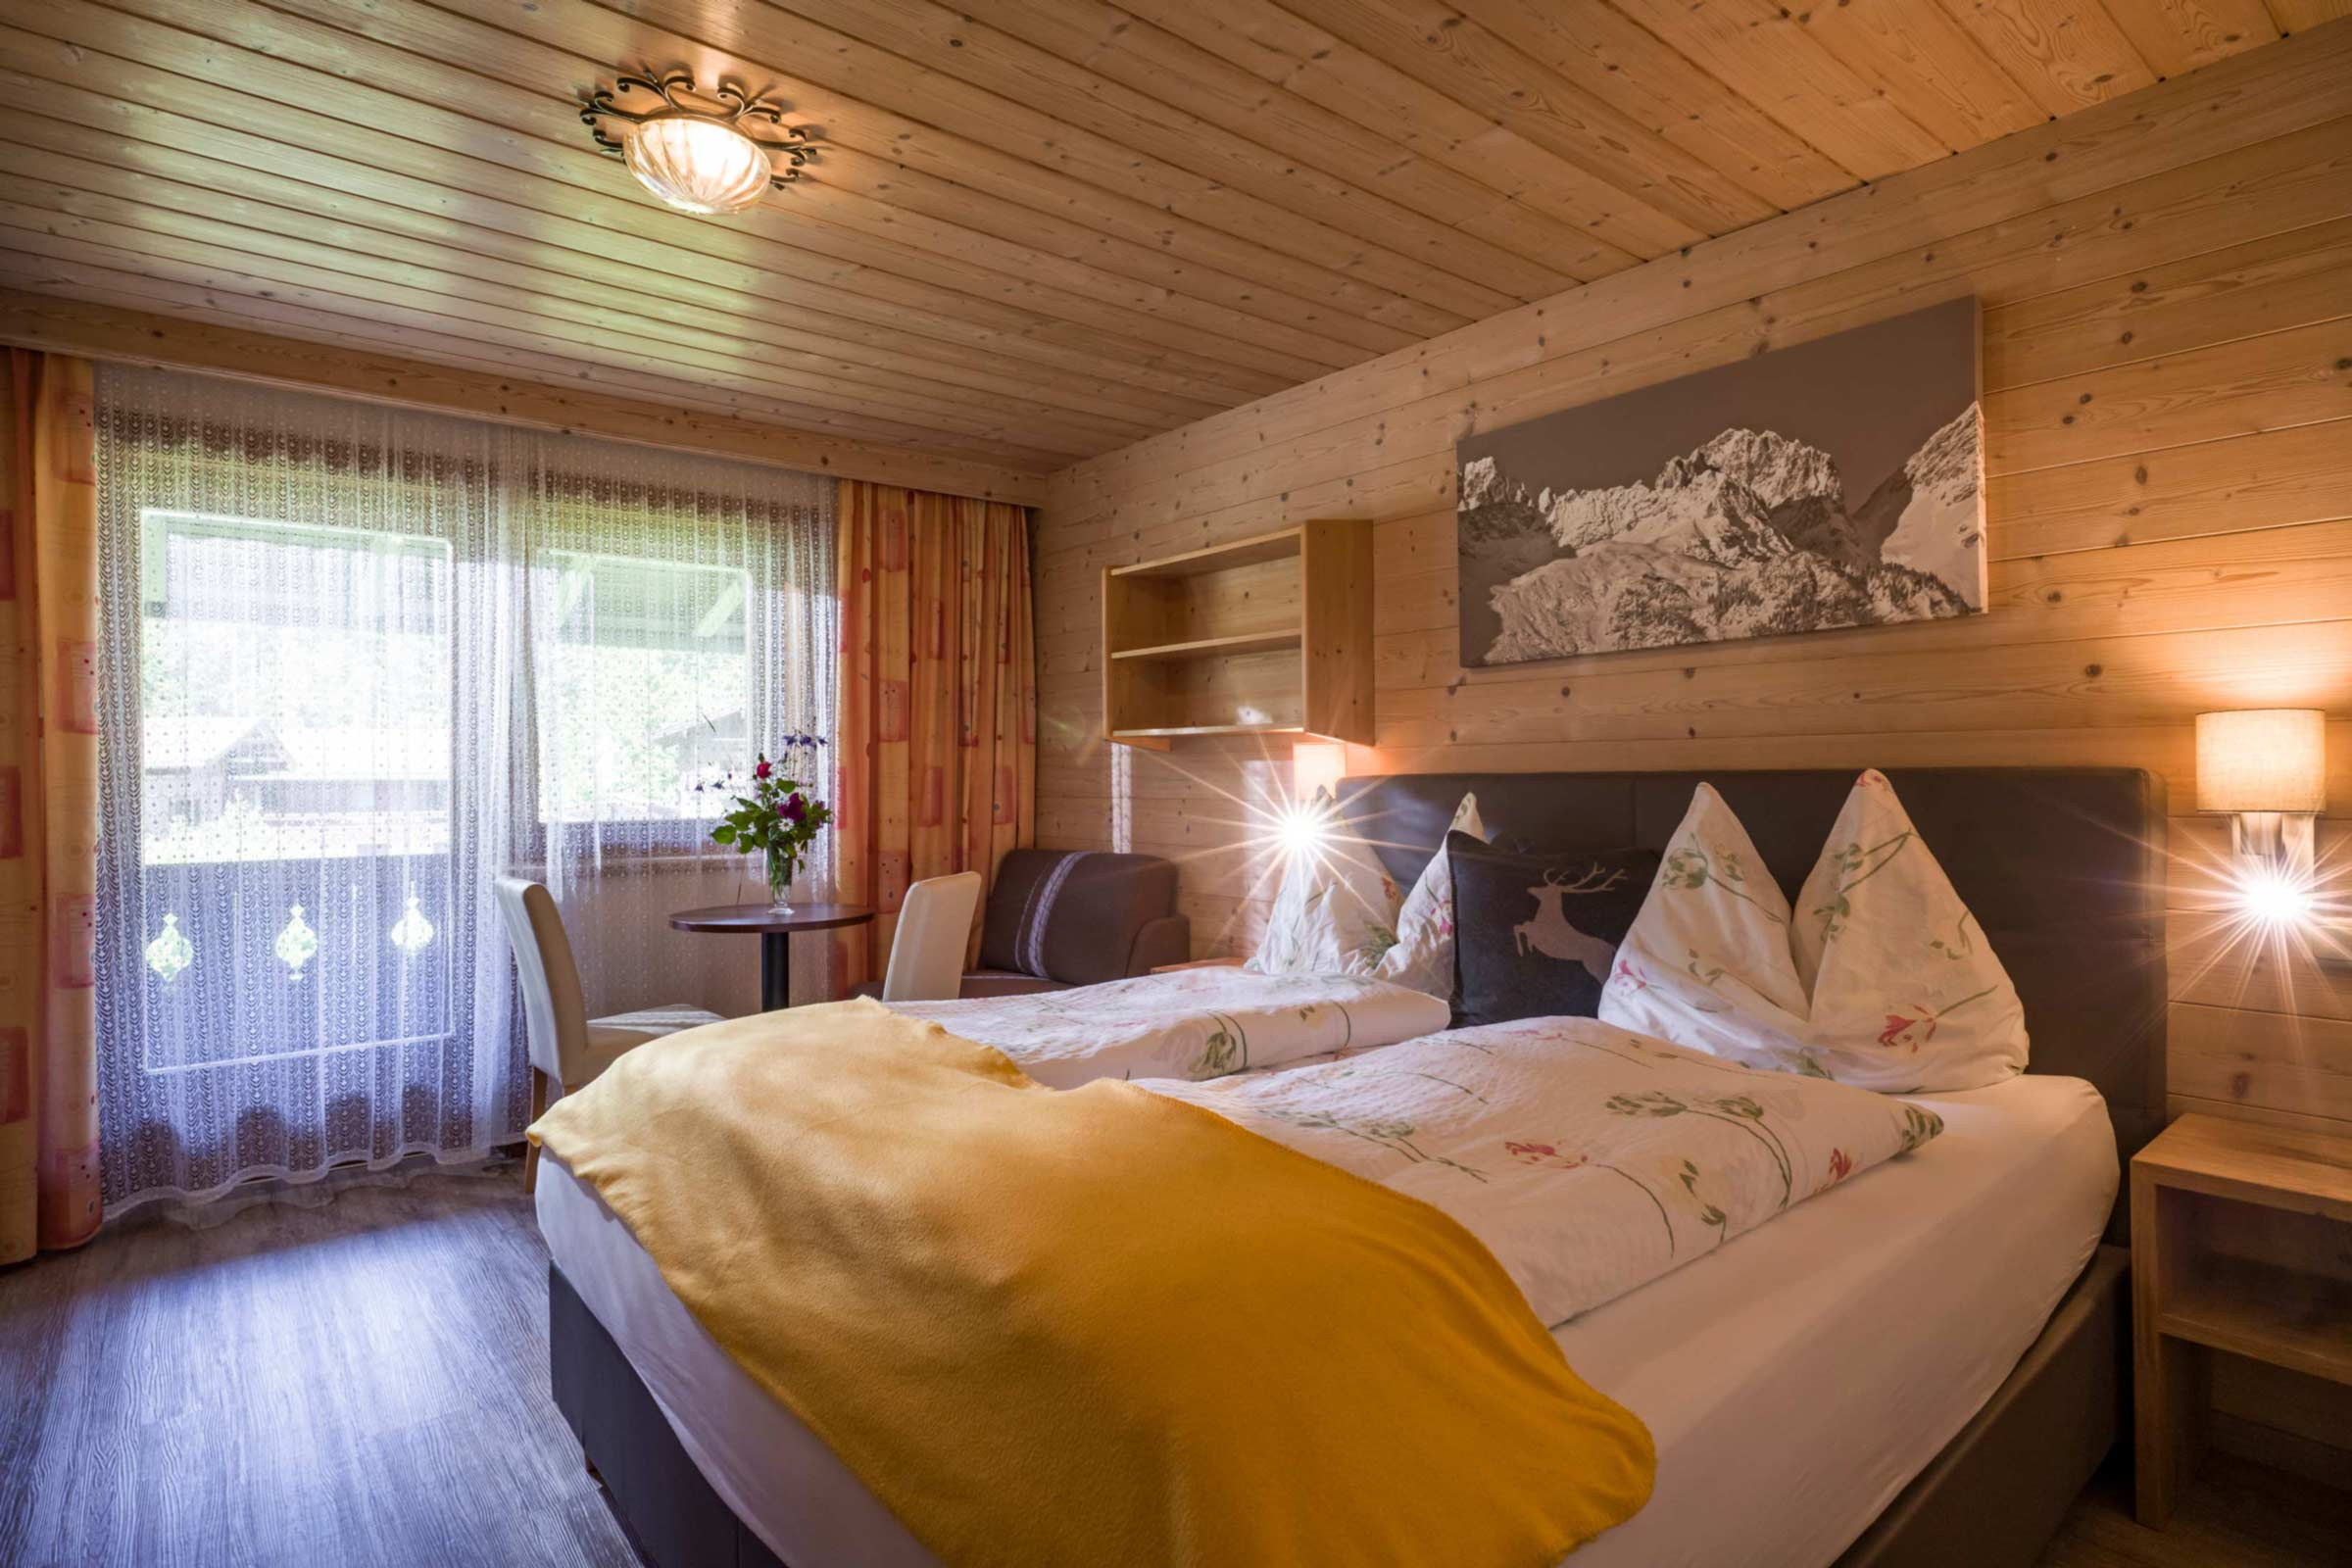 Appartement Pension Steiner Schlafzimmer